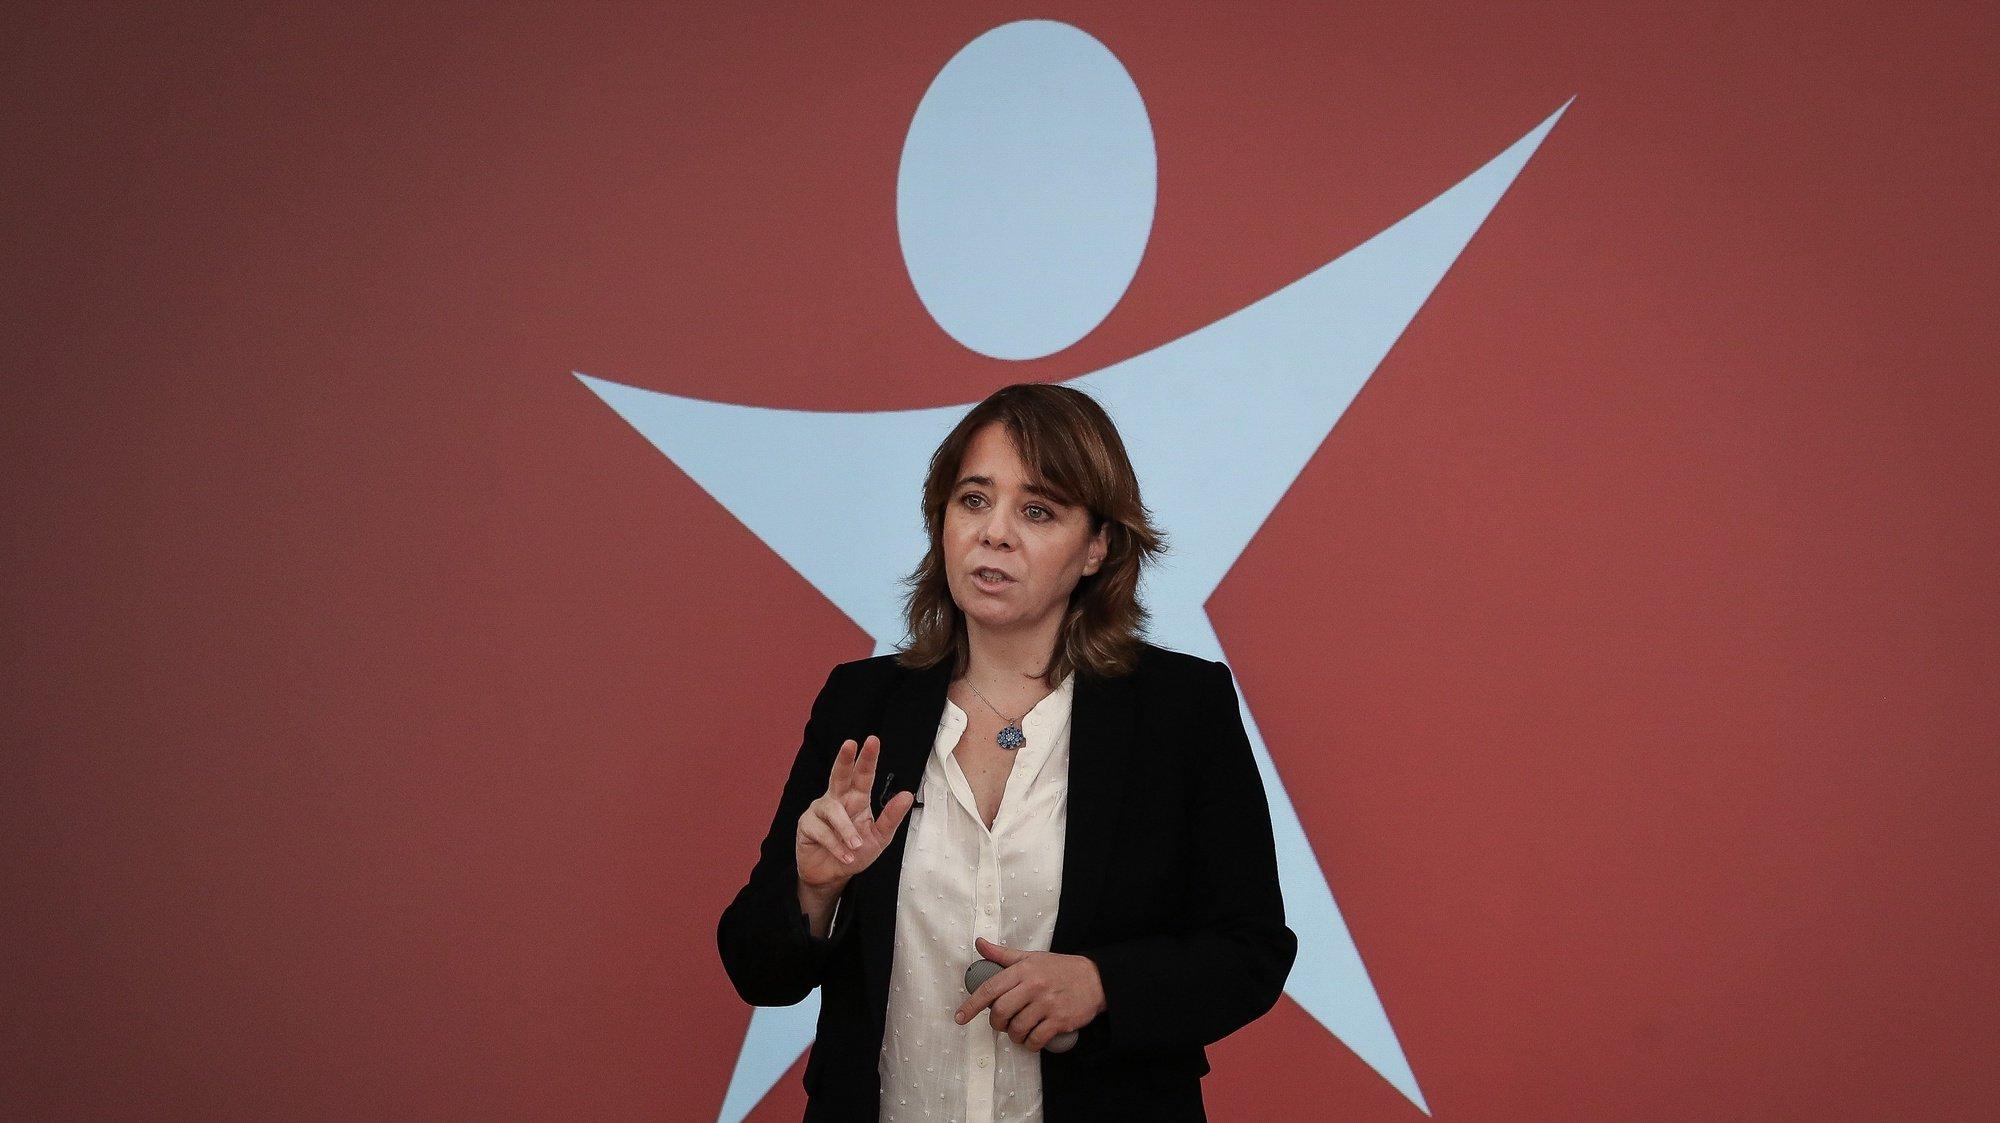 A coordenadora do Bloco de Esquerda (BE), Catarina Martins, intervém na conferência de imprensa sobre a pandemia da covid-19 e medidas de apoio às famílias, na sede do partido em Lisboa, 13 de fevereiro de 2021. MÁRIO CRUZ/LUSA